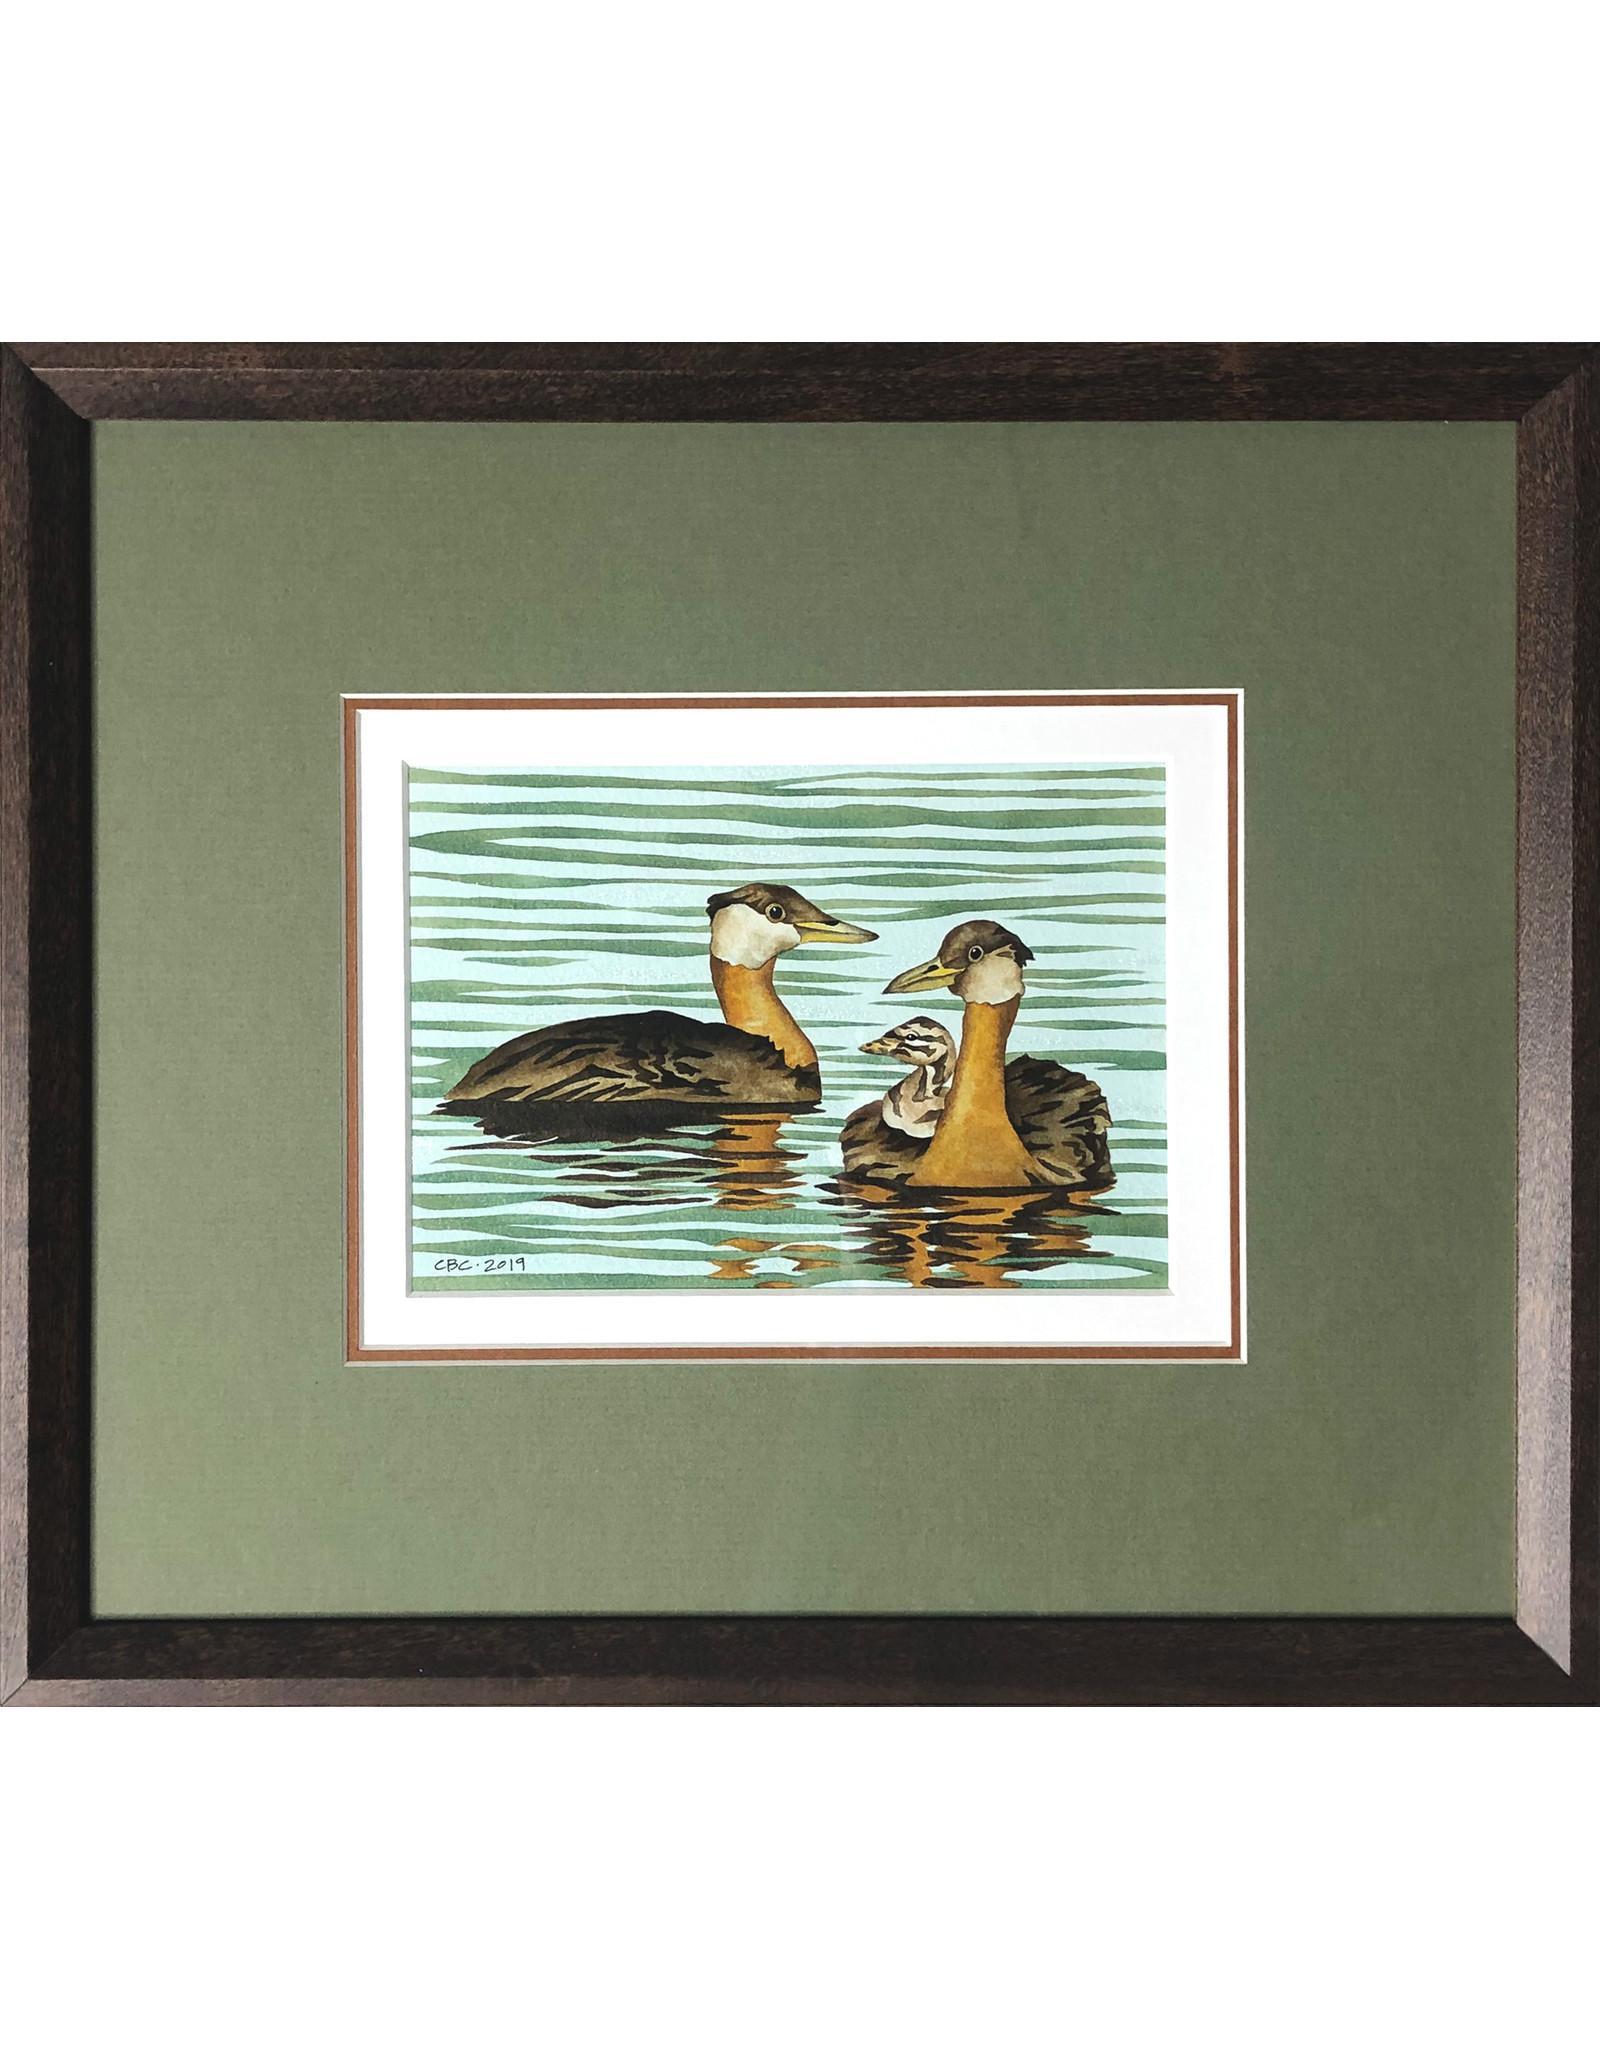 Courtenay Birdsall-Clifford Grebe Family (framed original) | Courtenay Birdsall-Clifford